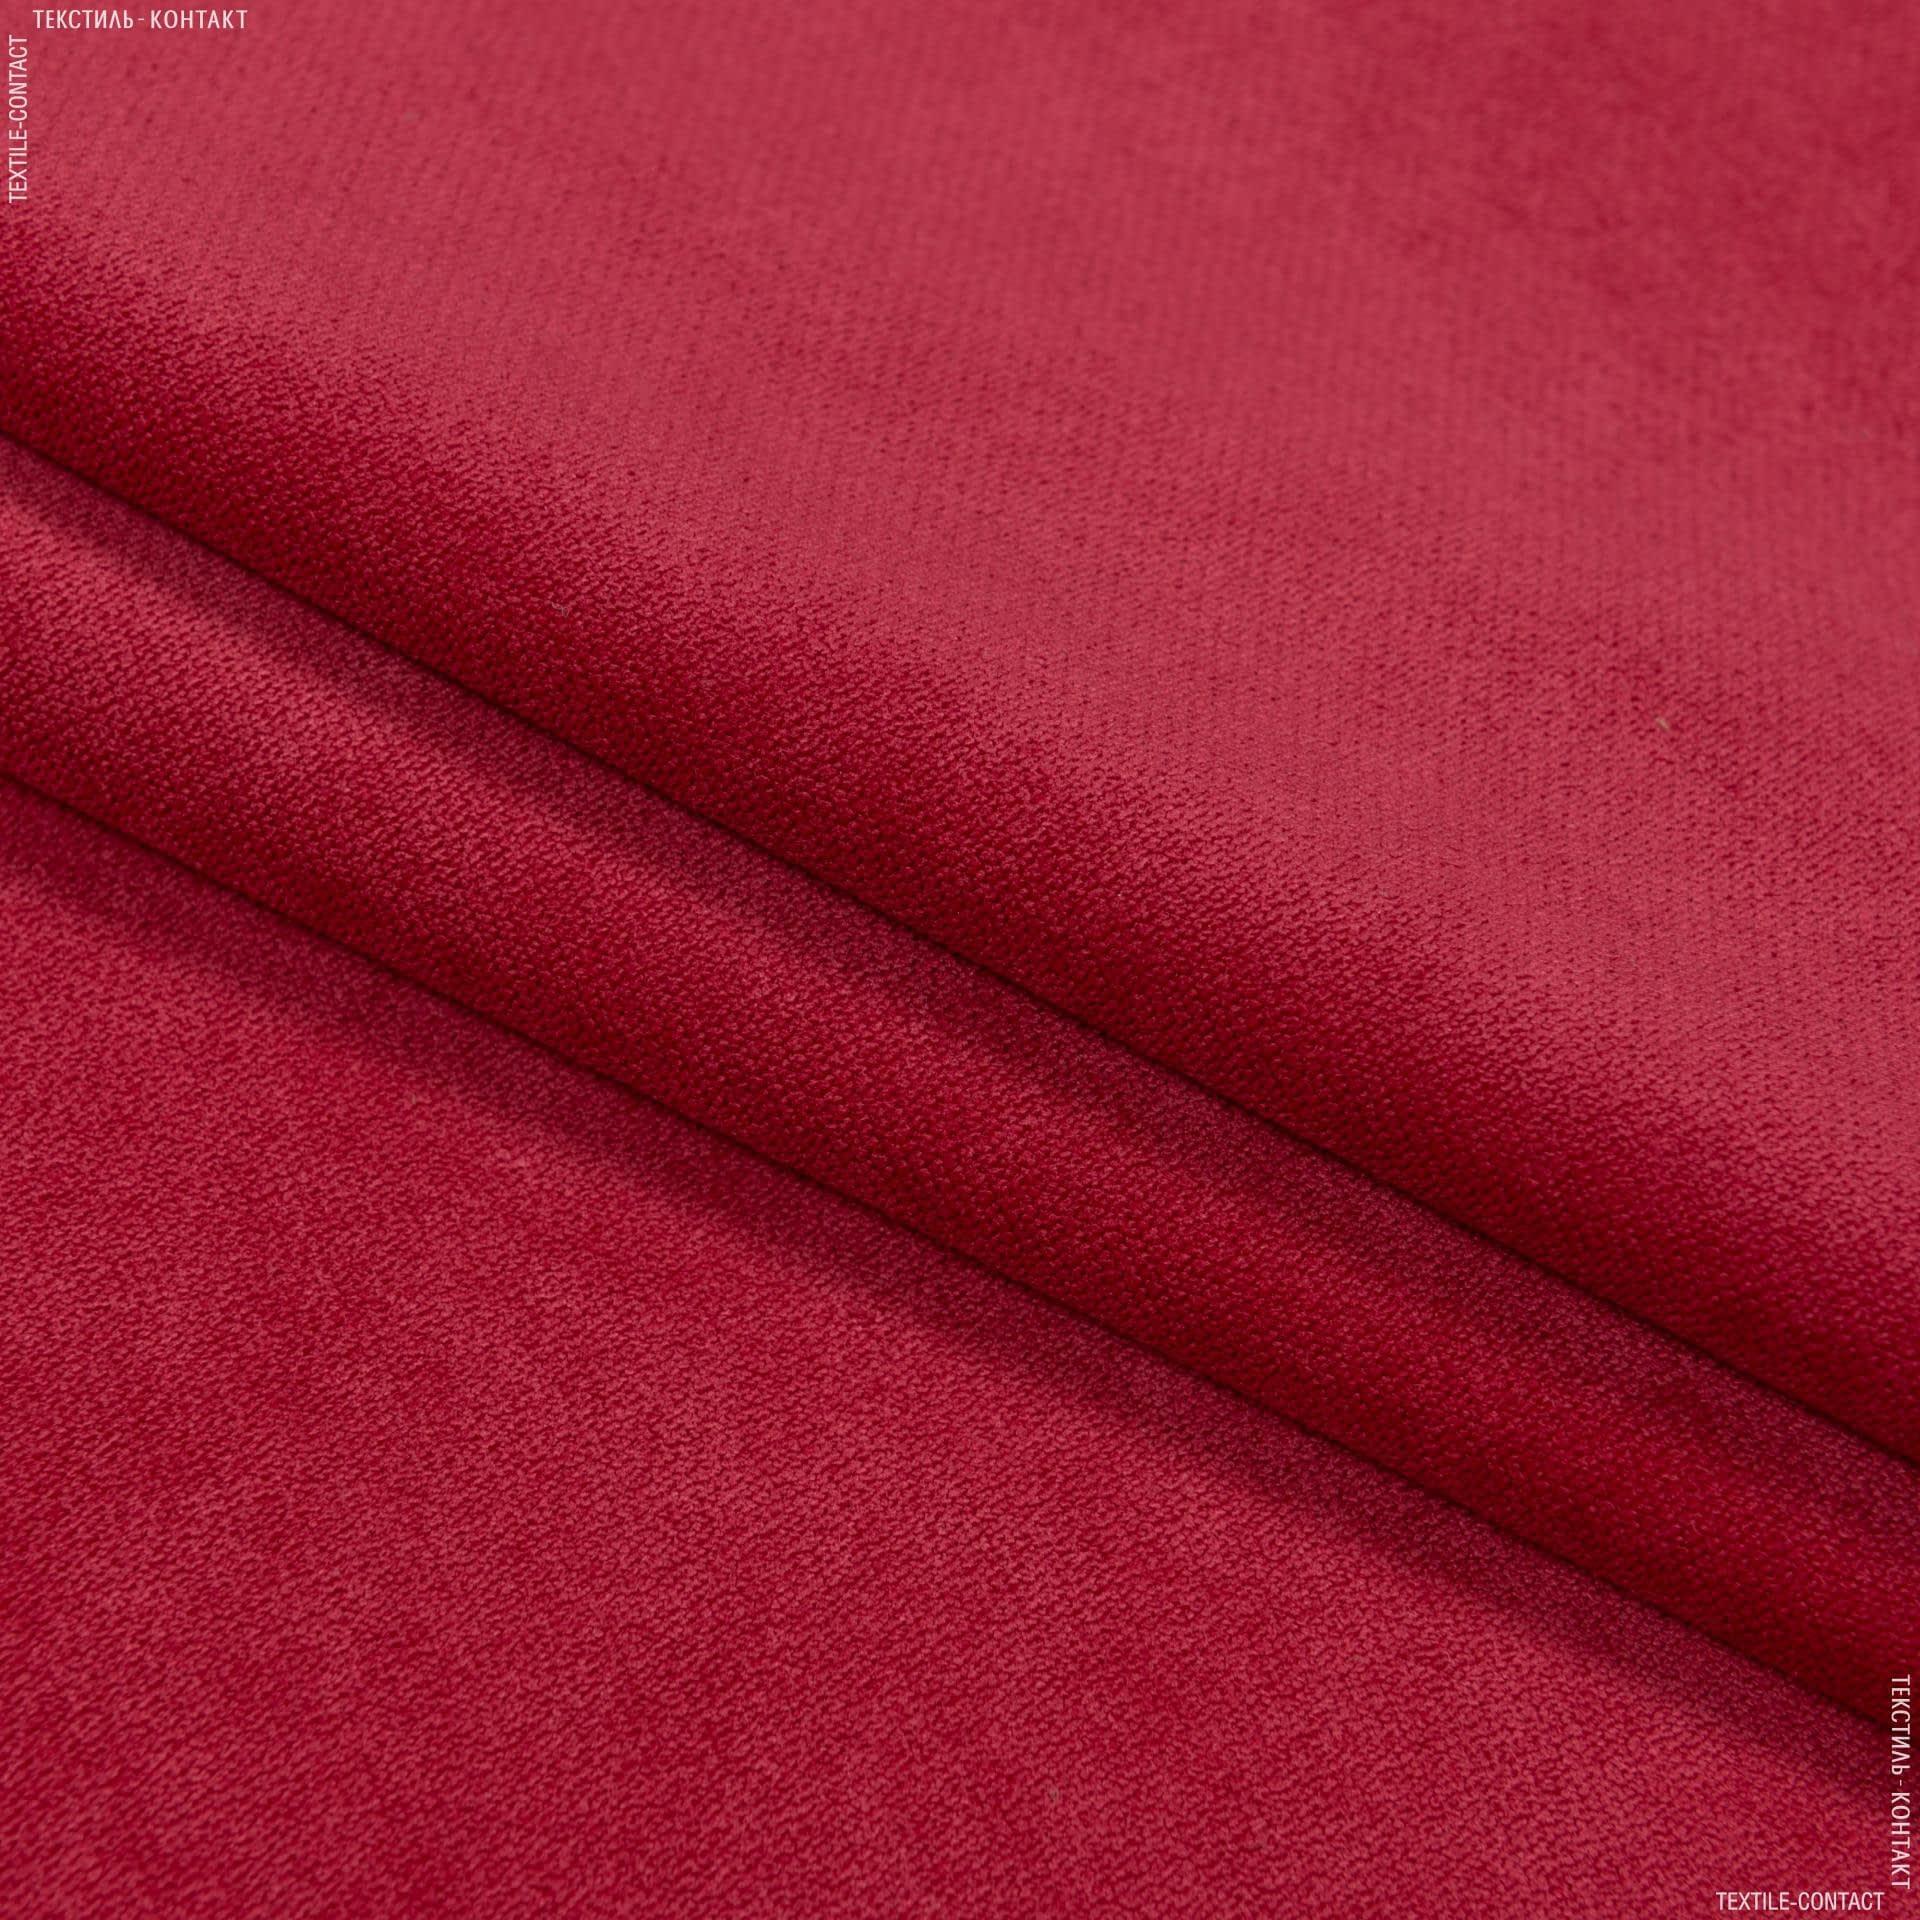 Тканини для меблів - Велюр будапешт/budapest червоний